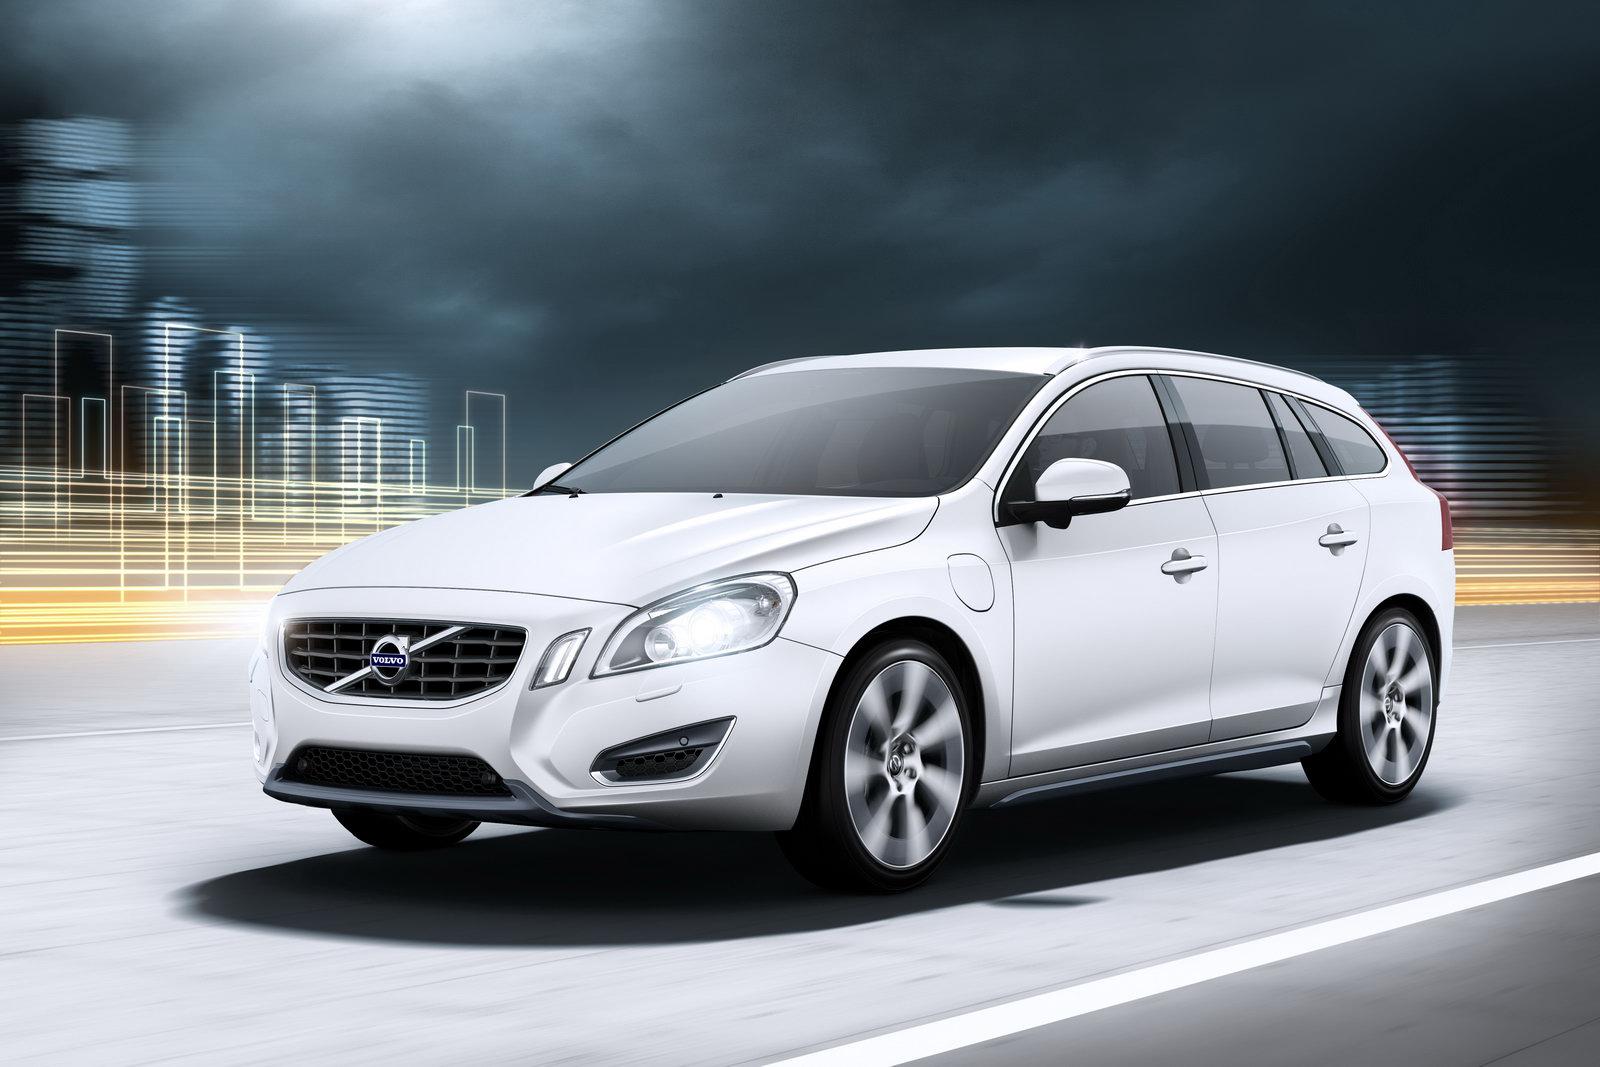 Volvo's new V60 Plug-in Hybrid